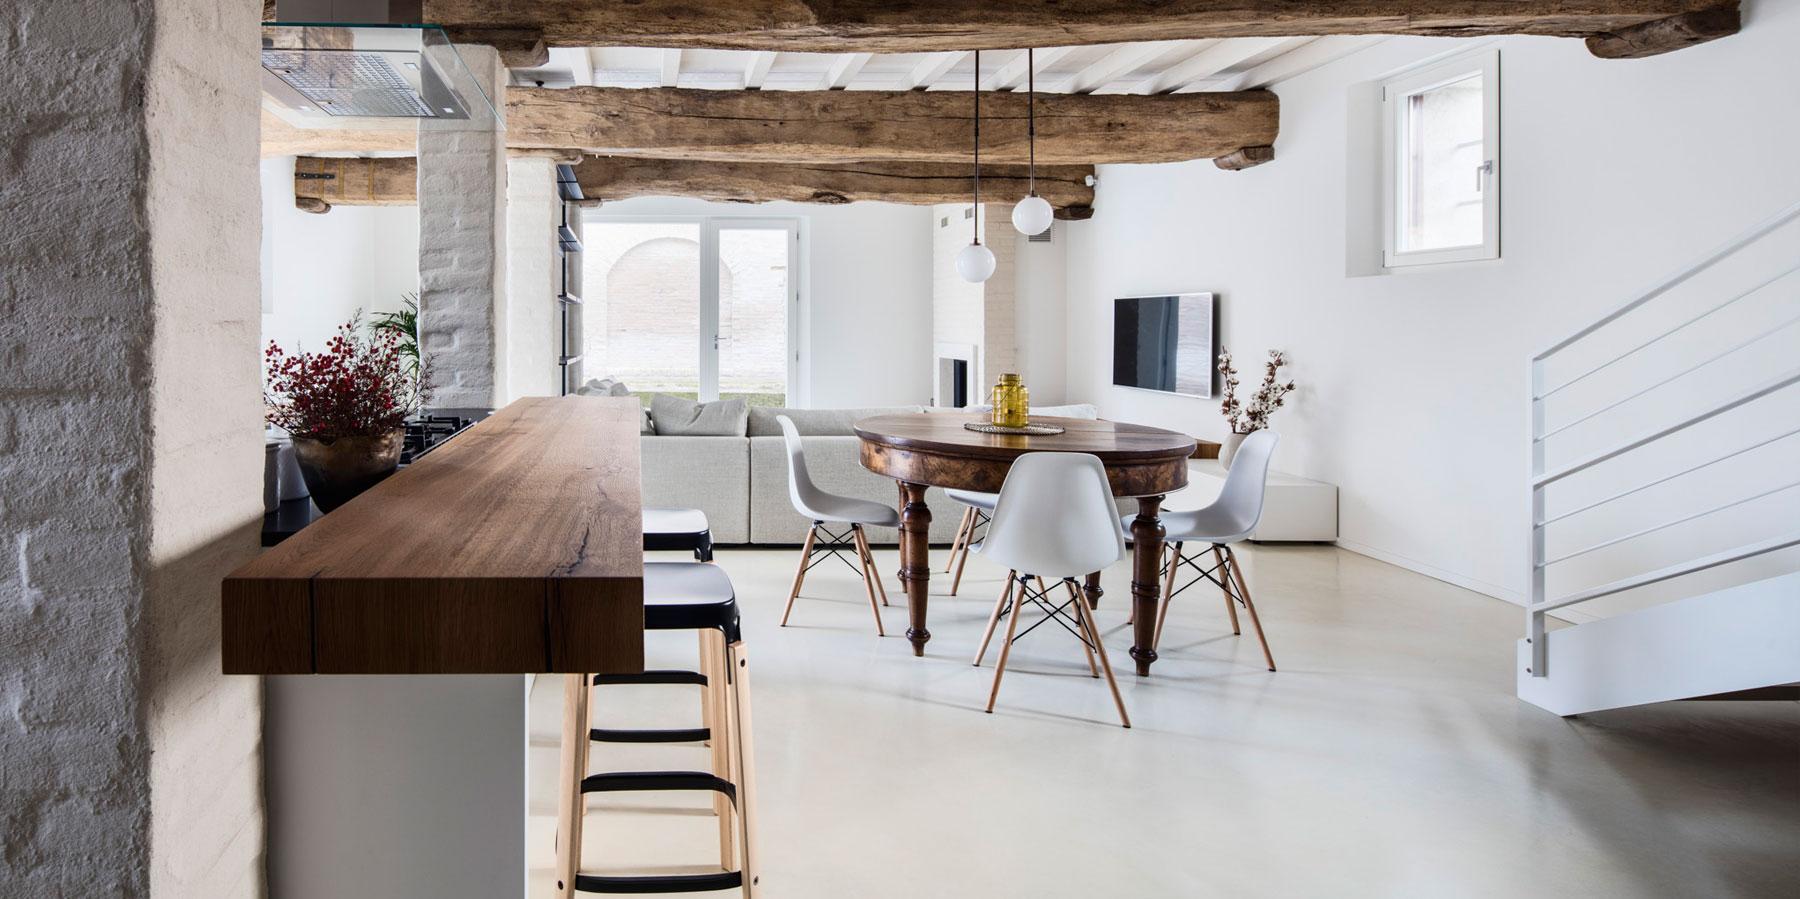 Progettazione d interni nu83 regardsdefemmes for Arredamento architettura interni